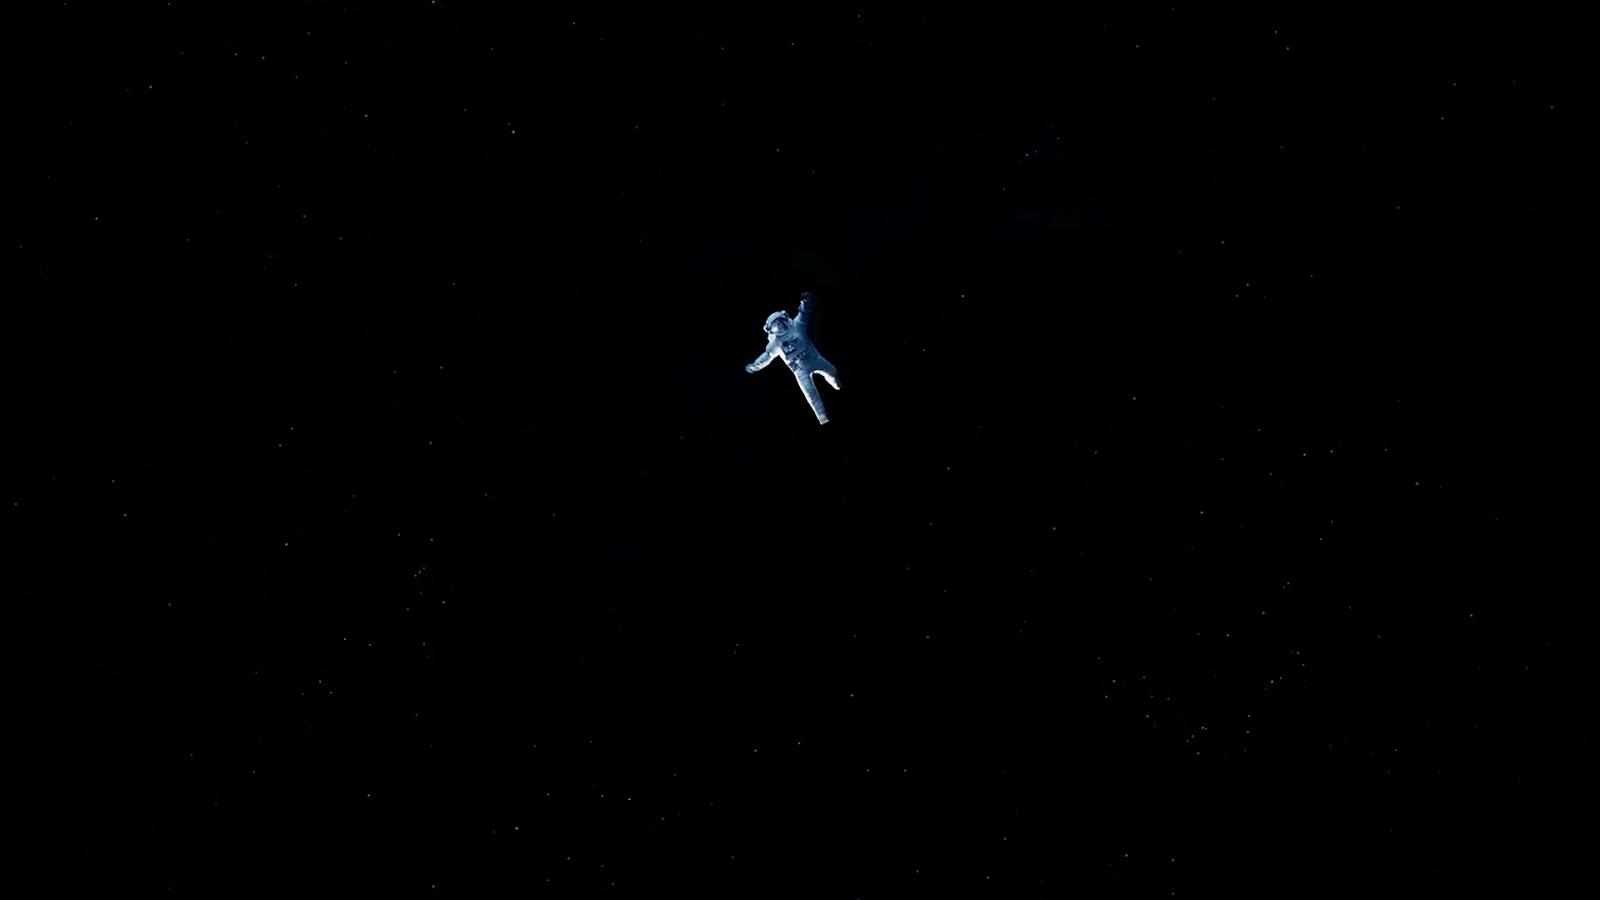 CIA☆こちら映画中央情報局です: Gravity : アルフォンソ・...  アルフォンソ・キ